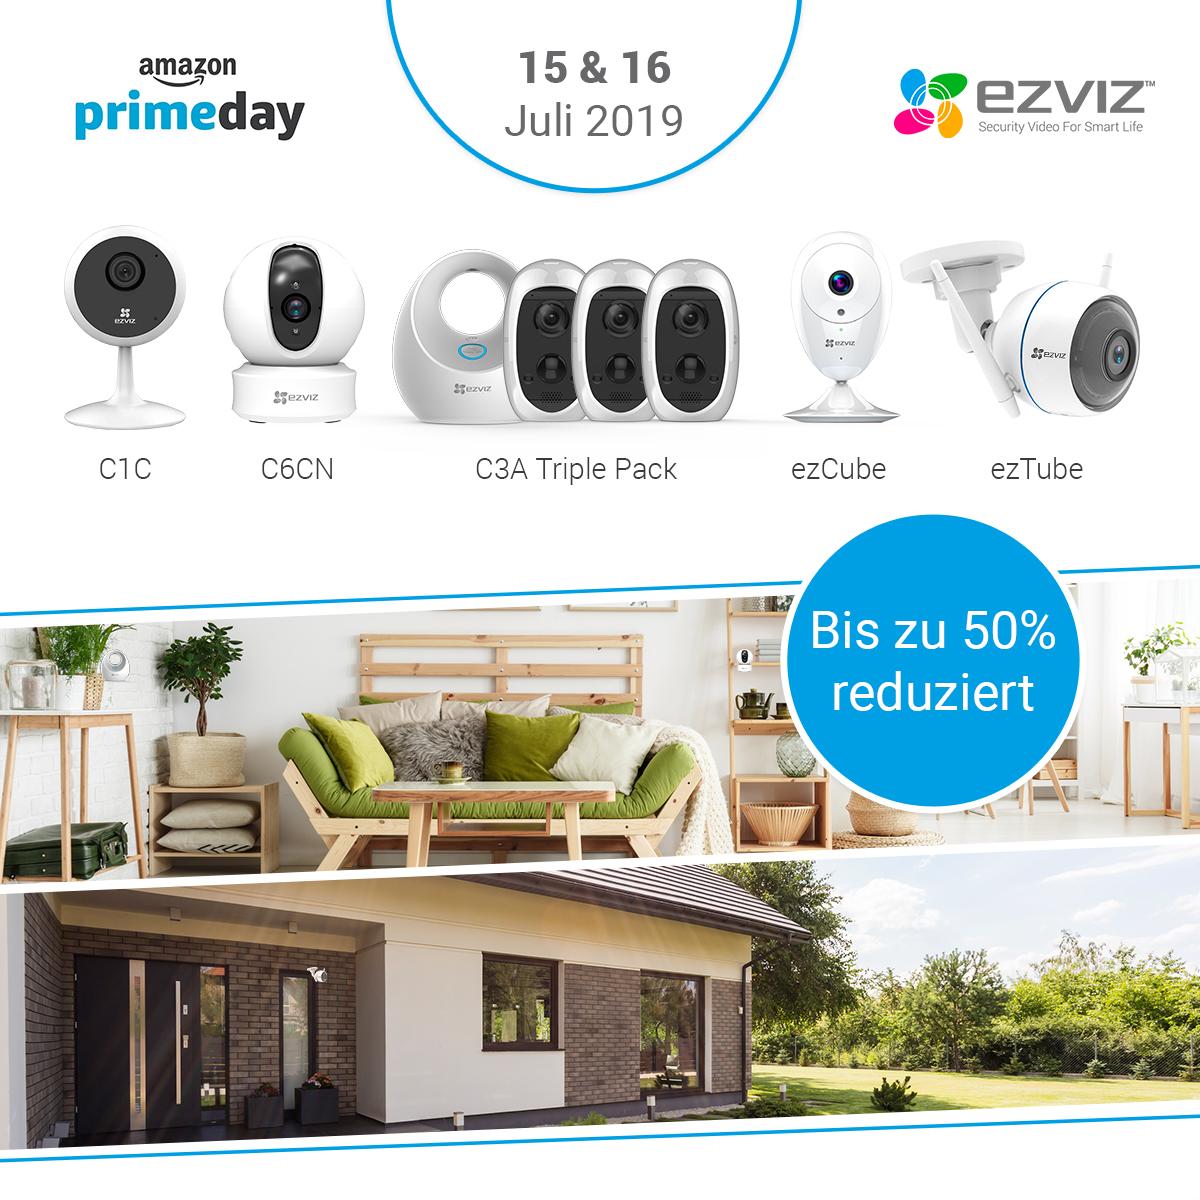 EZVIZ Sicherheitskameras – Zum Amazon Prime Day eine Vielzahl von Kameramodellen bis zu 50 Prozent reduziert